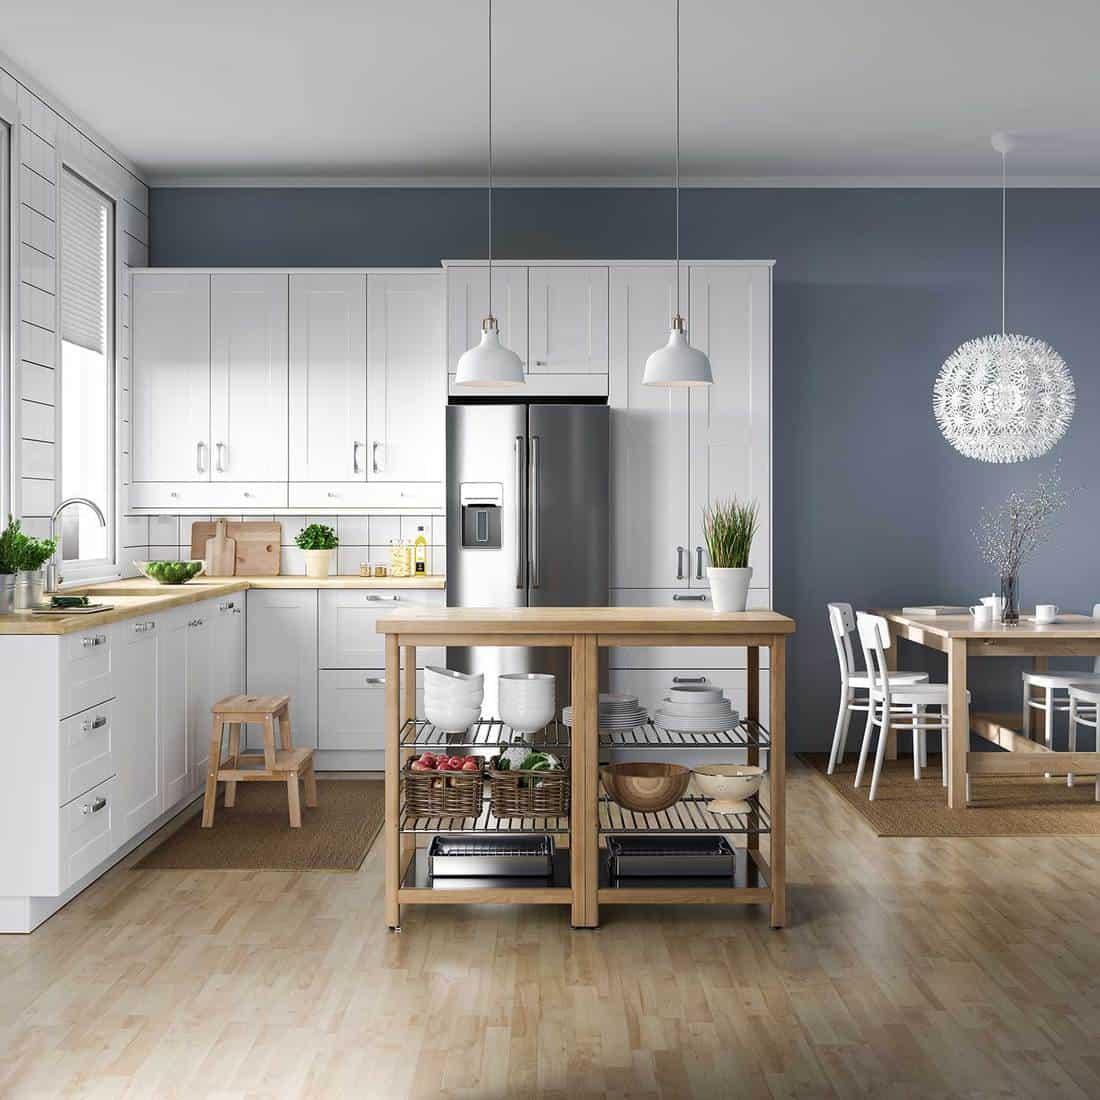 Scandinavian kitchen interior with wooden furniture